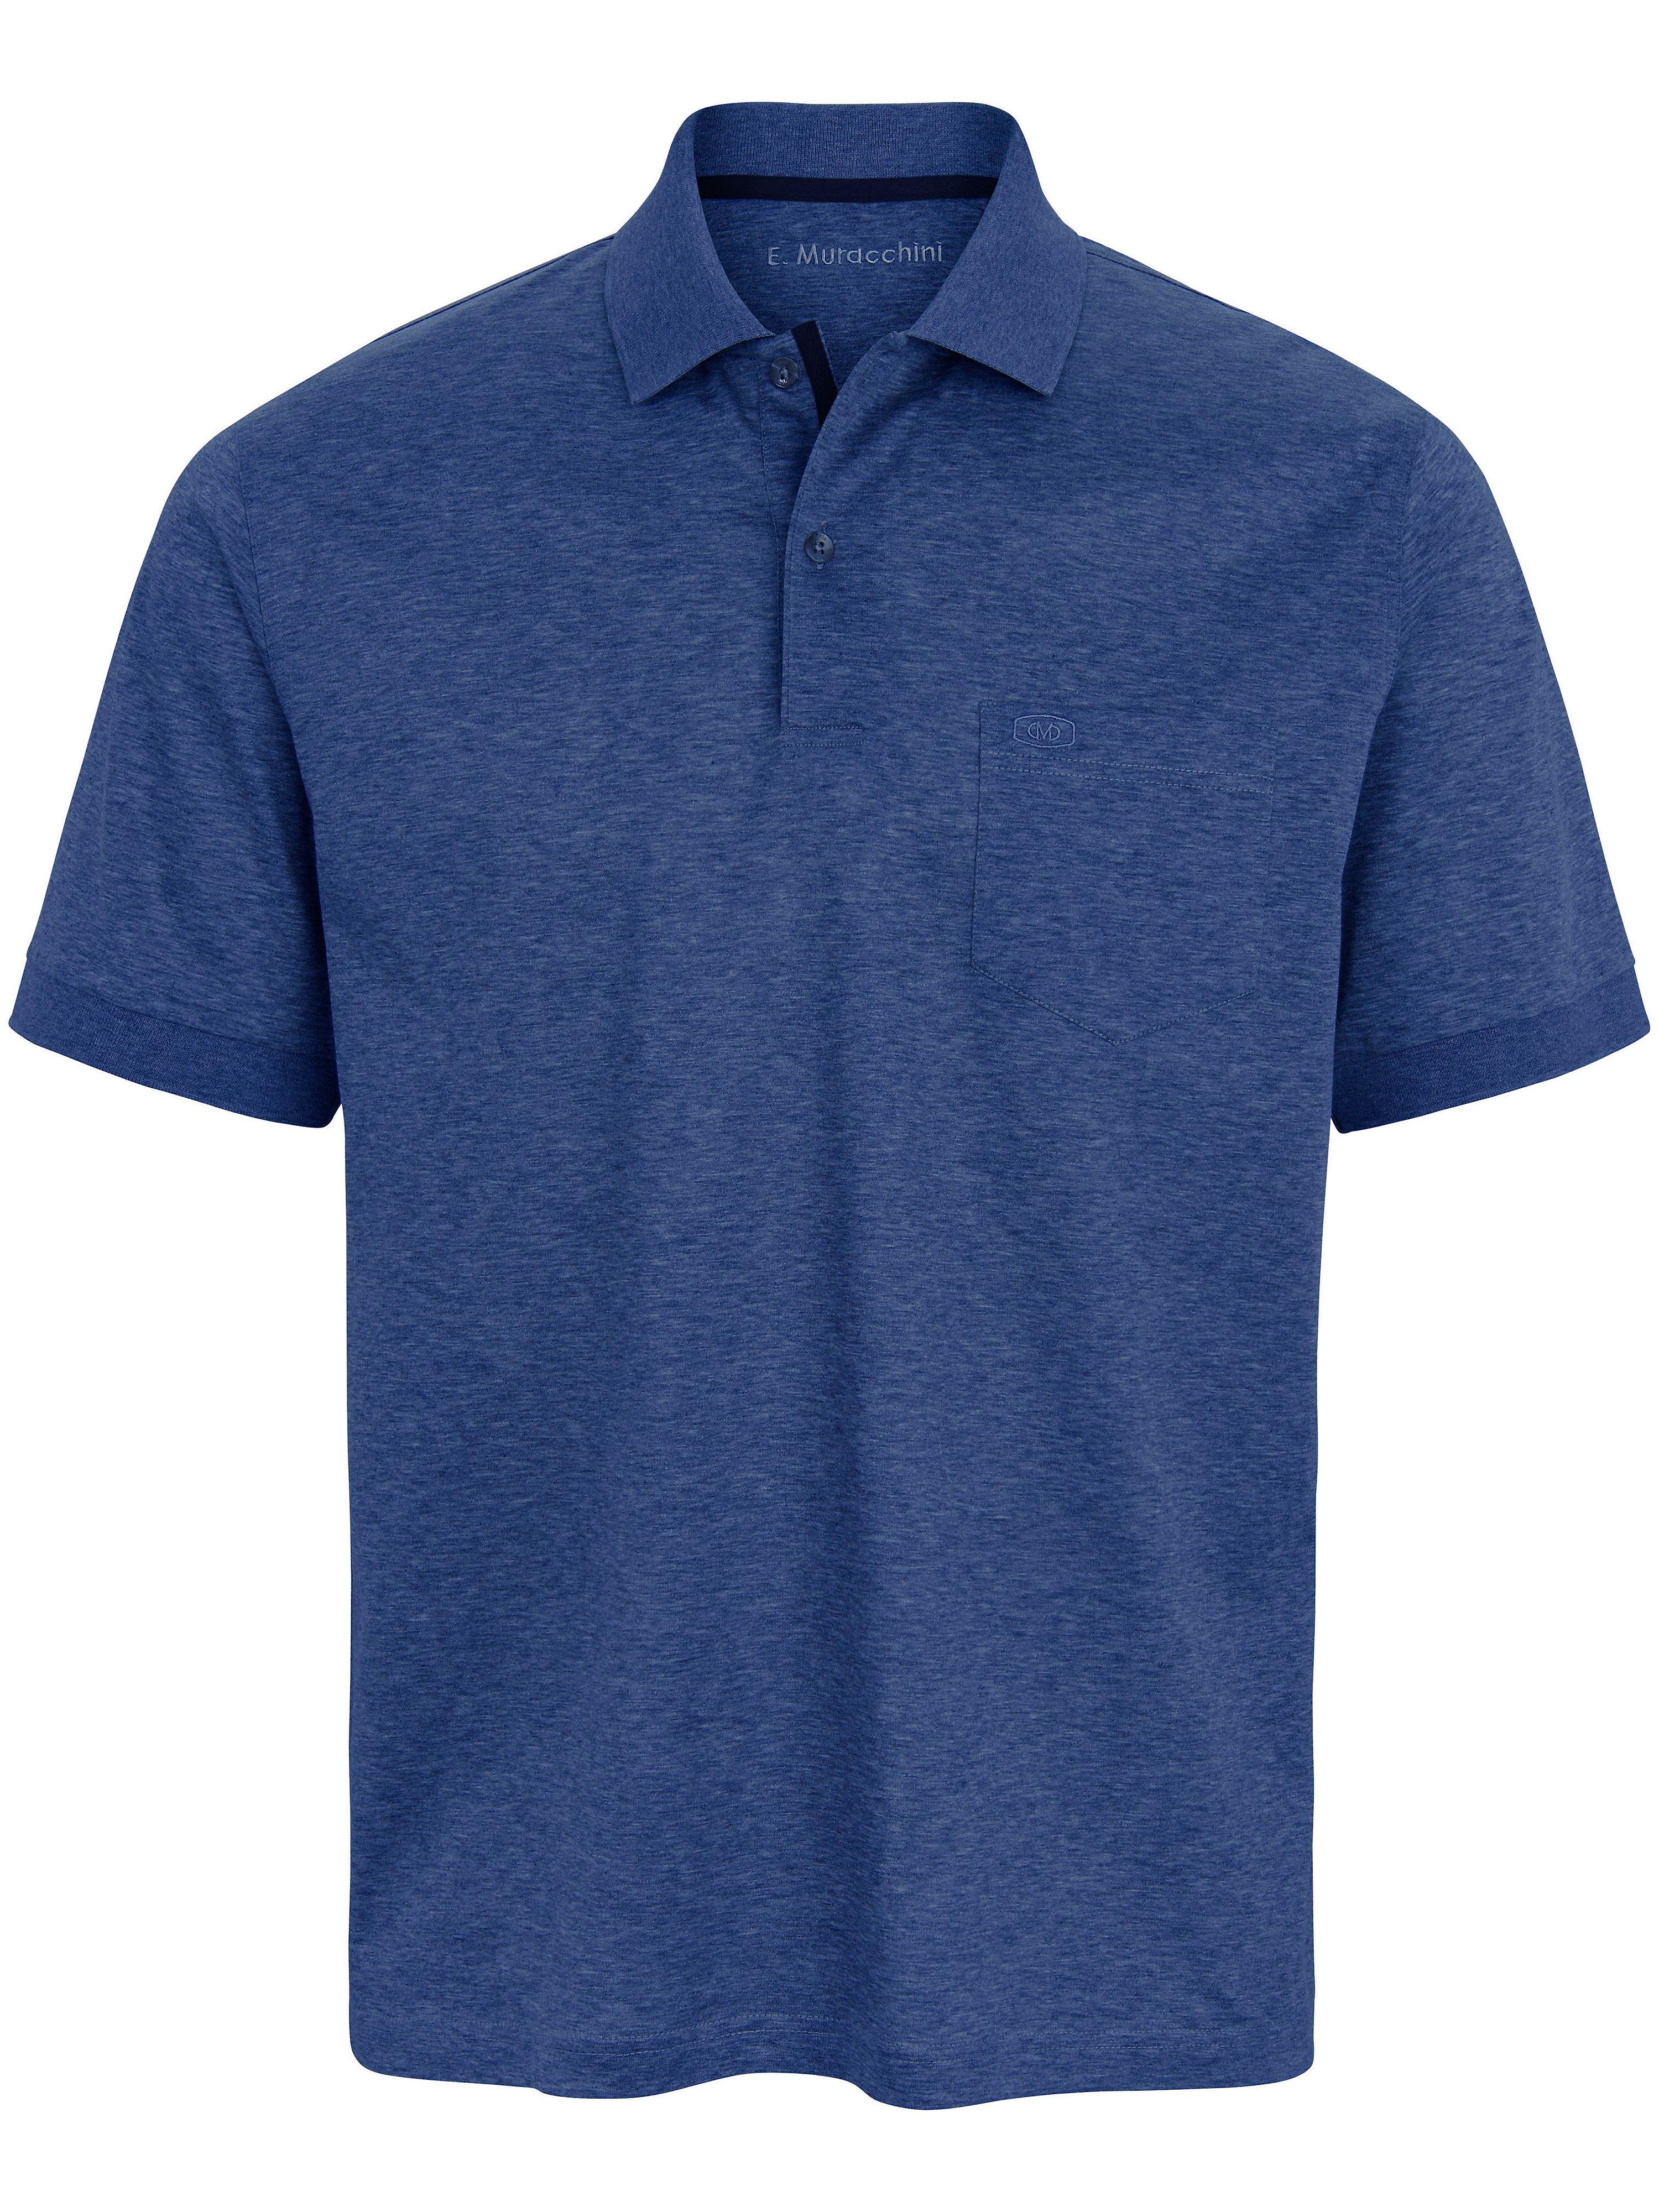 Poloshirt Van E.Muracchini blauw